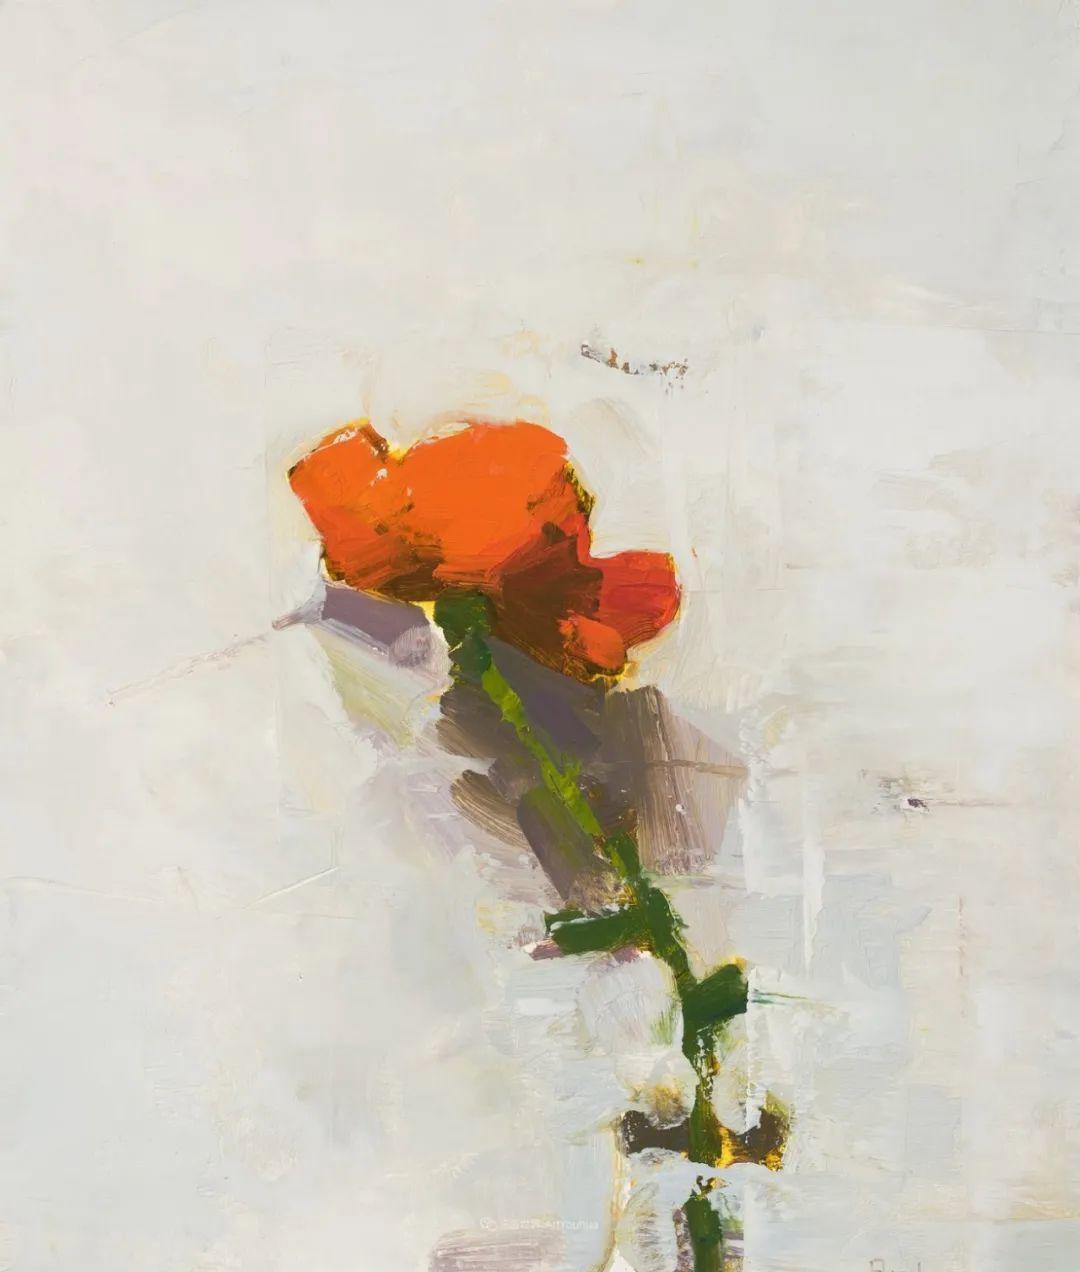 简约宁静 | 波兰画家斯坦利·比伦作品欣赏插图3